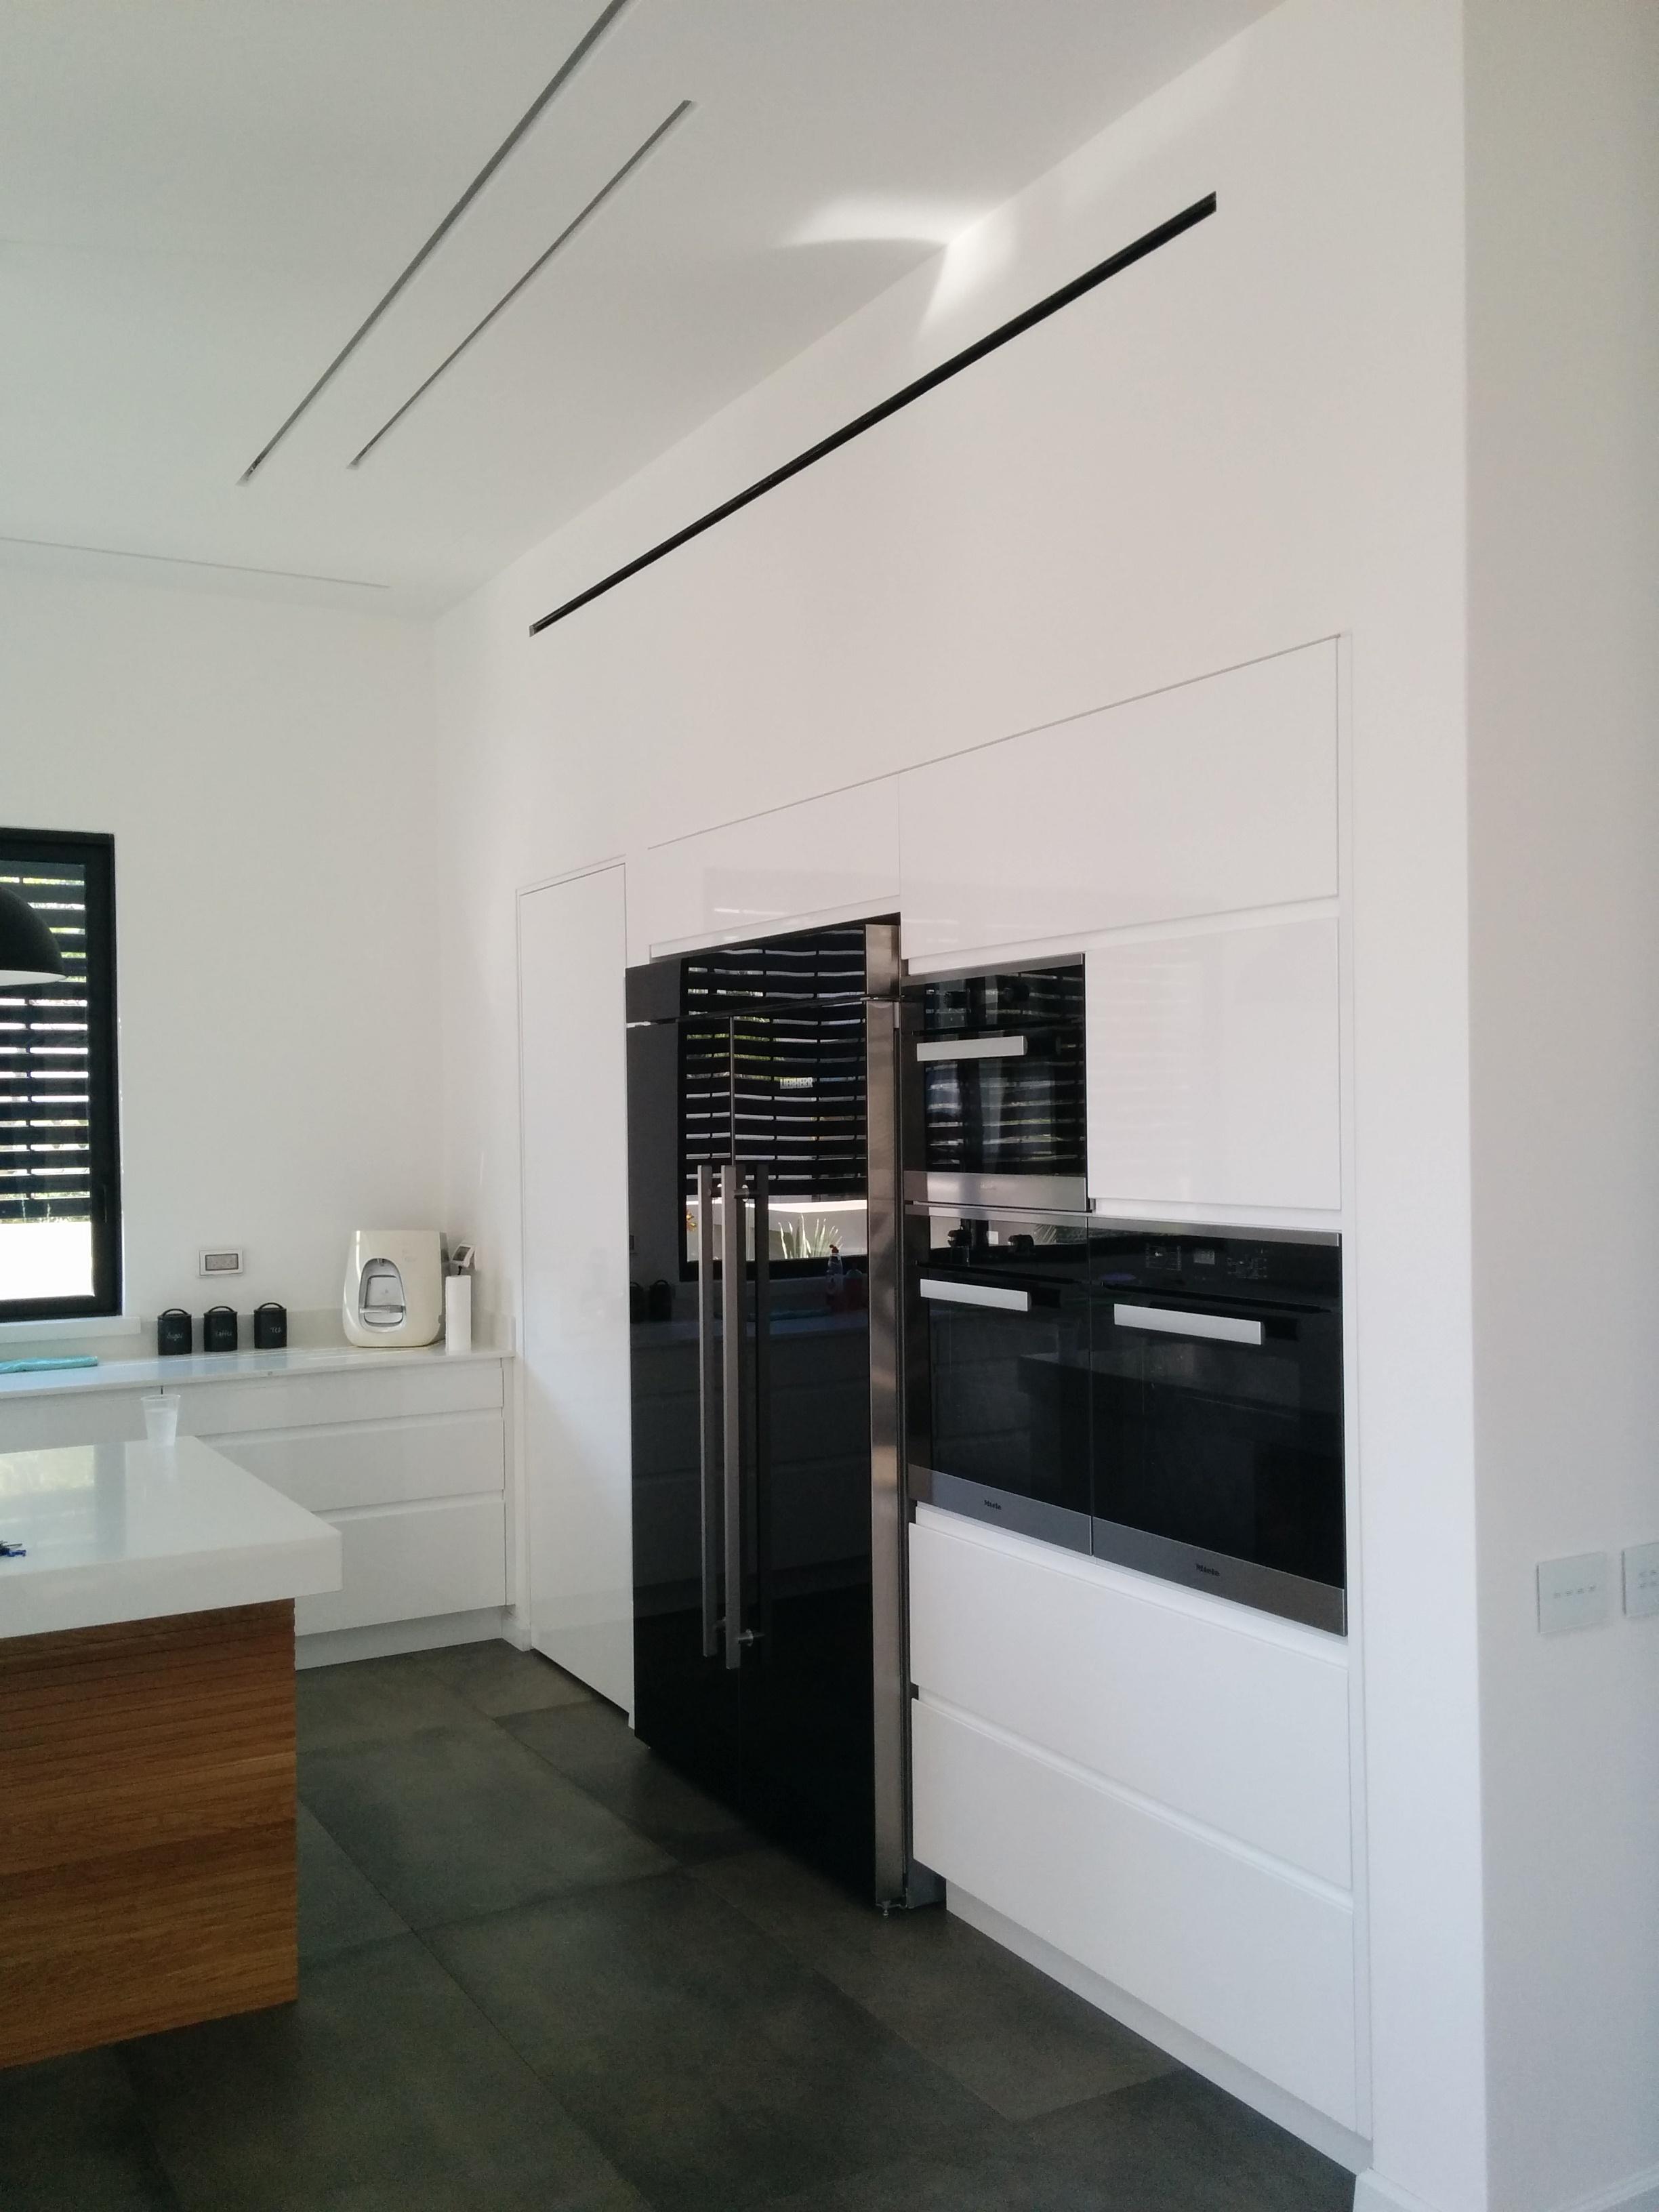 עיצוב מטבח מודרני לבן ושחור